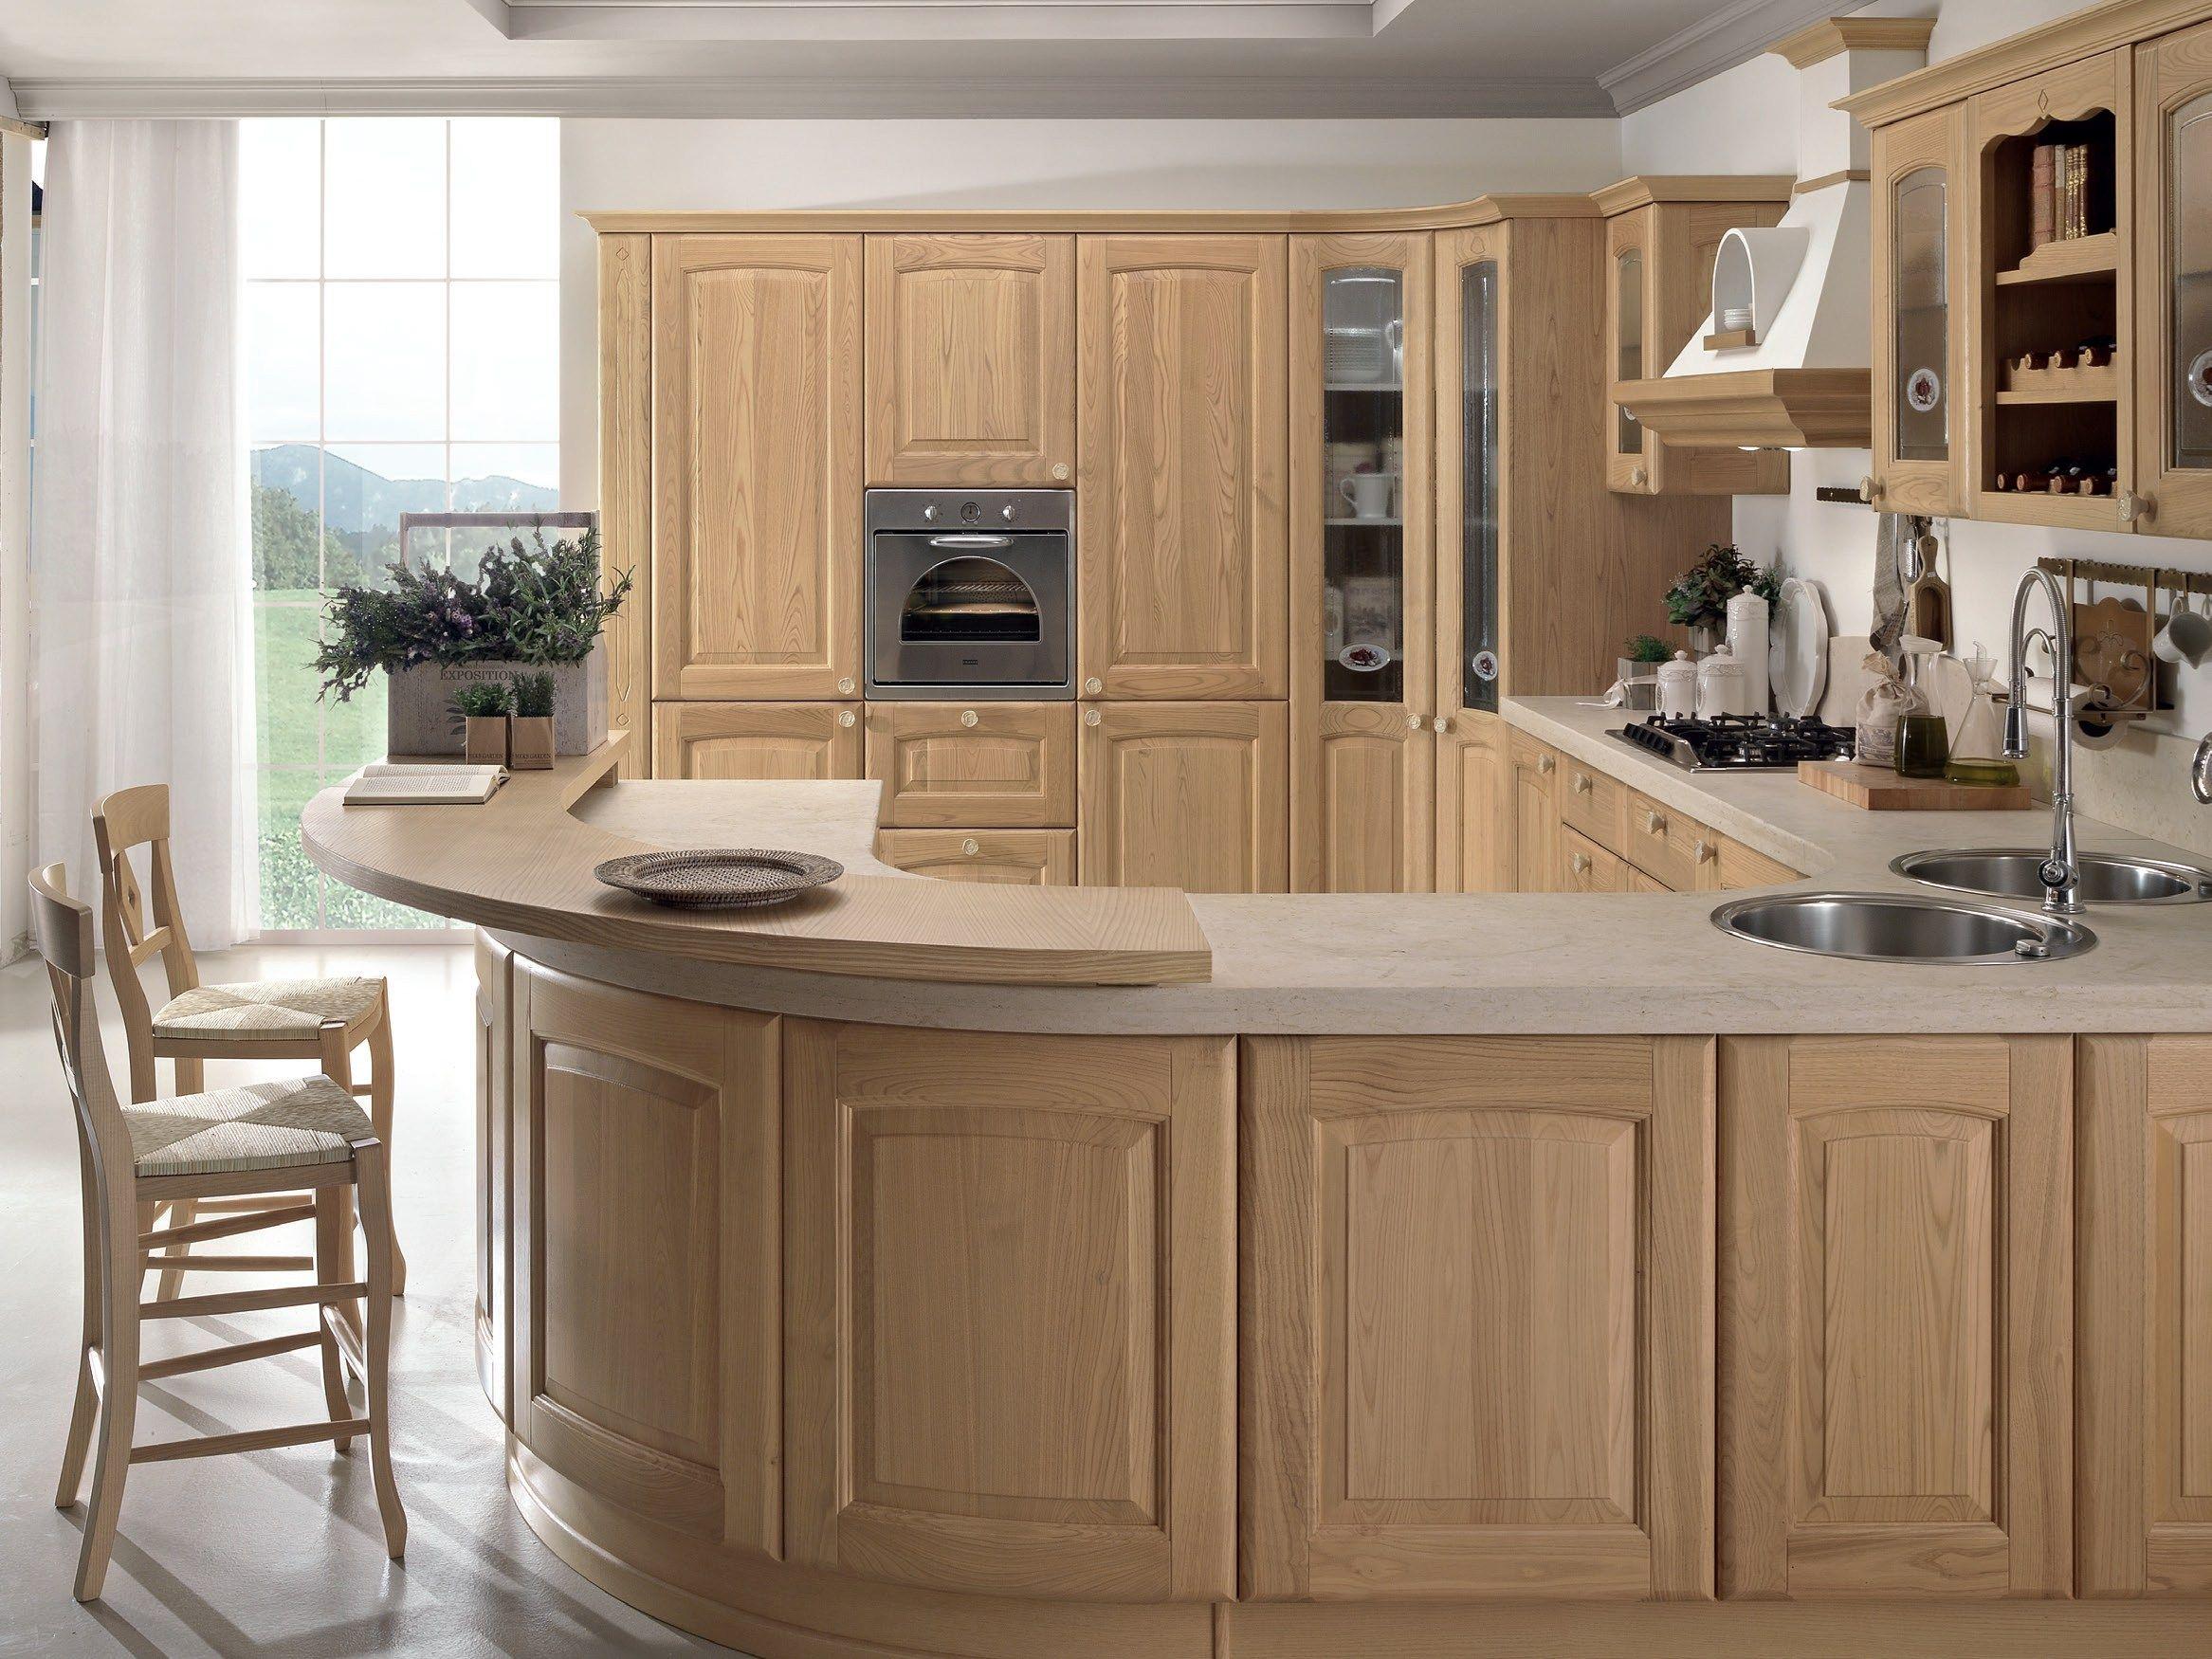 veronica | cucina in castagno by cucine lube - Prezzi Cucina Lube